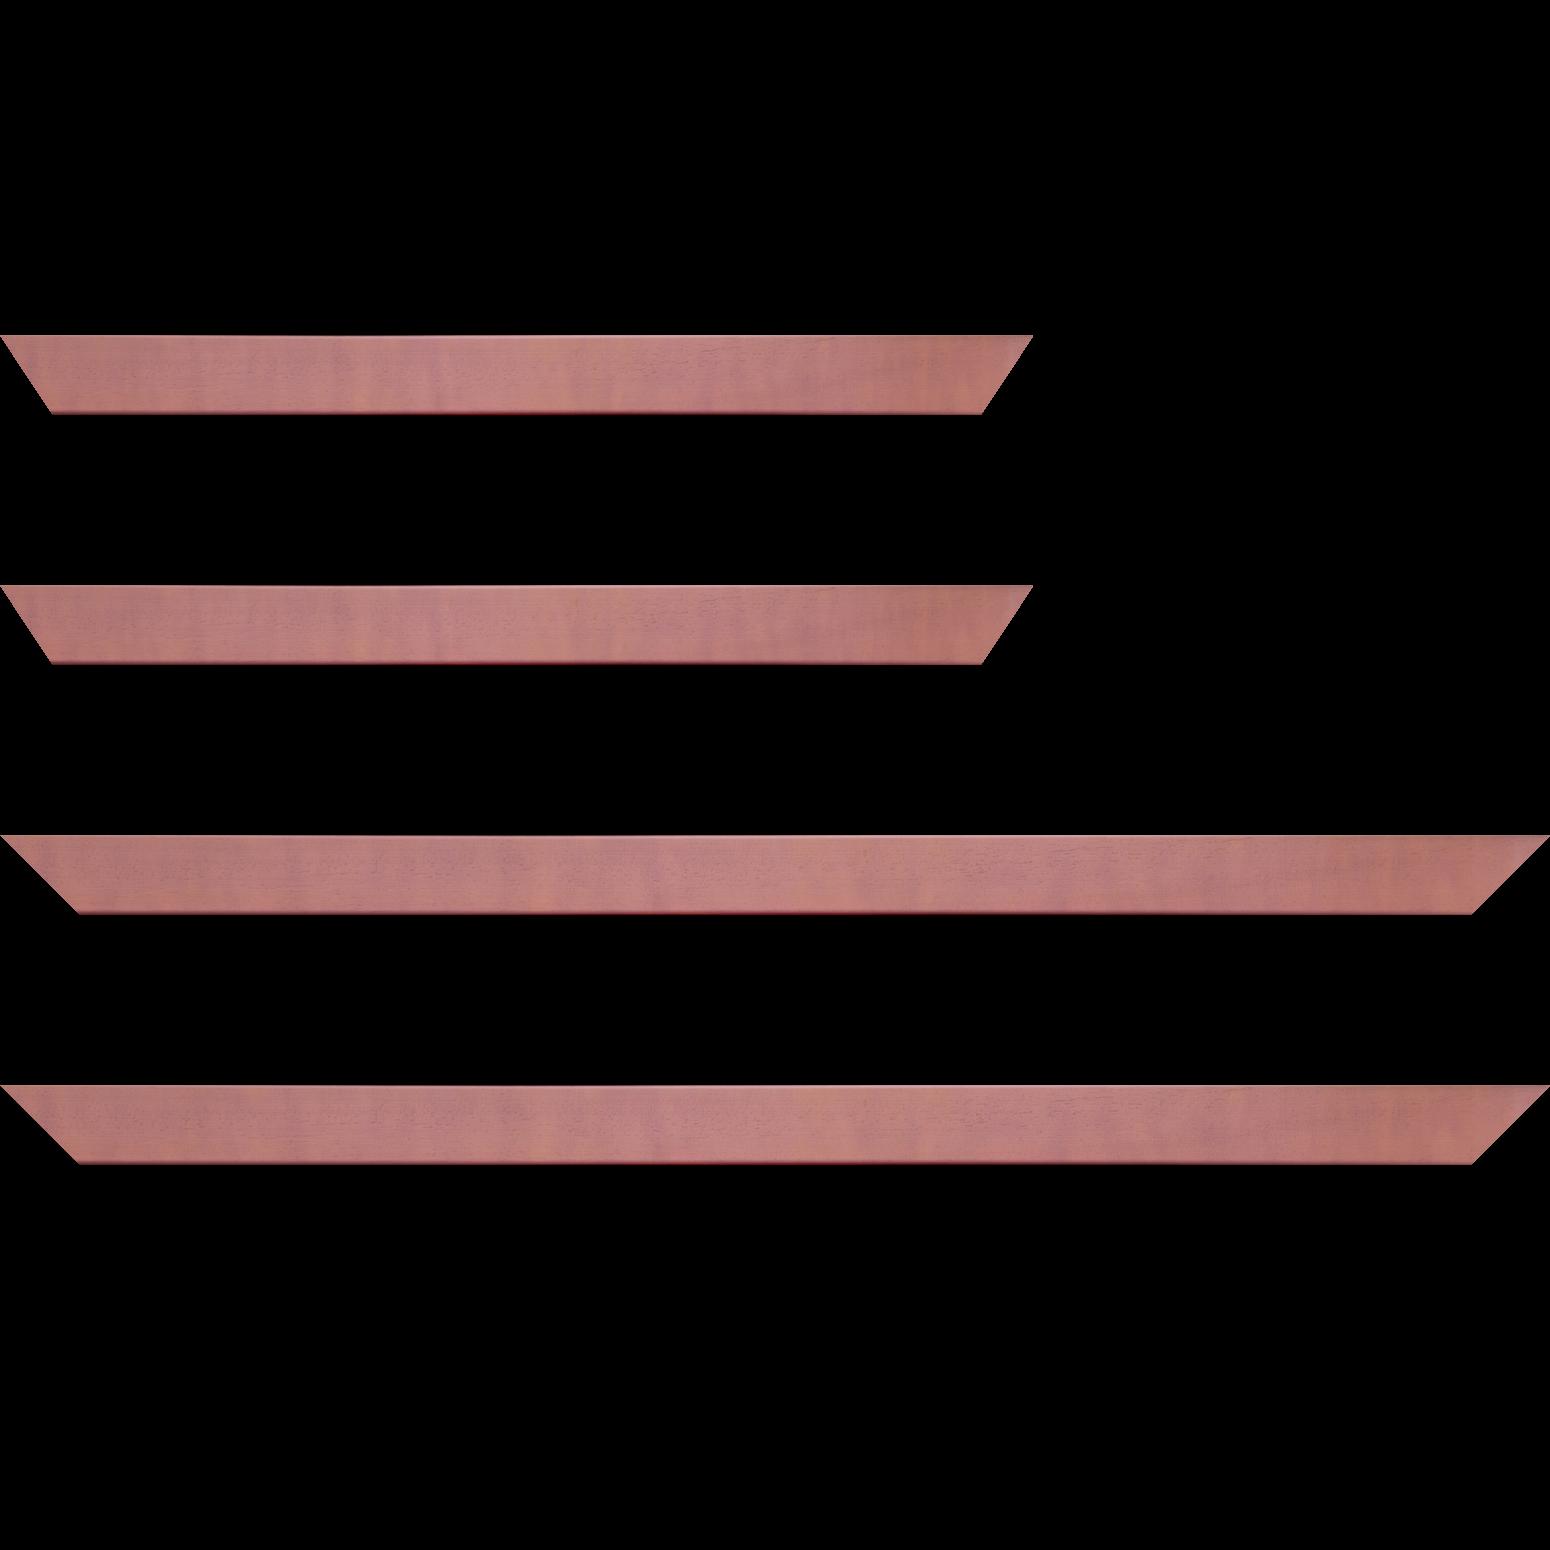 Baguette service précoupé bois profil plat largeur 2.5cm couleur lilas satiné